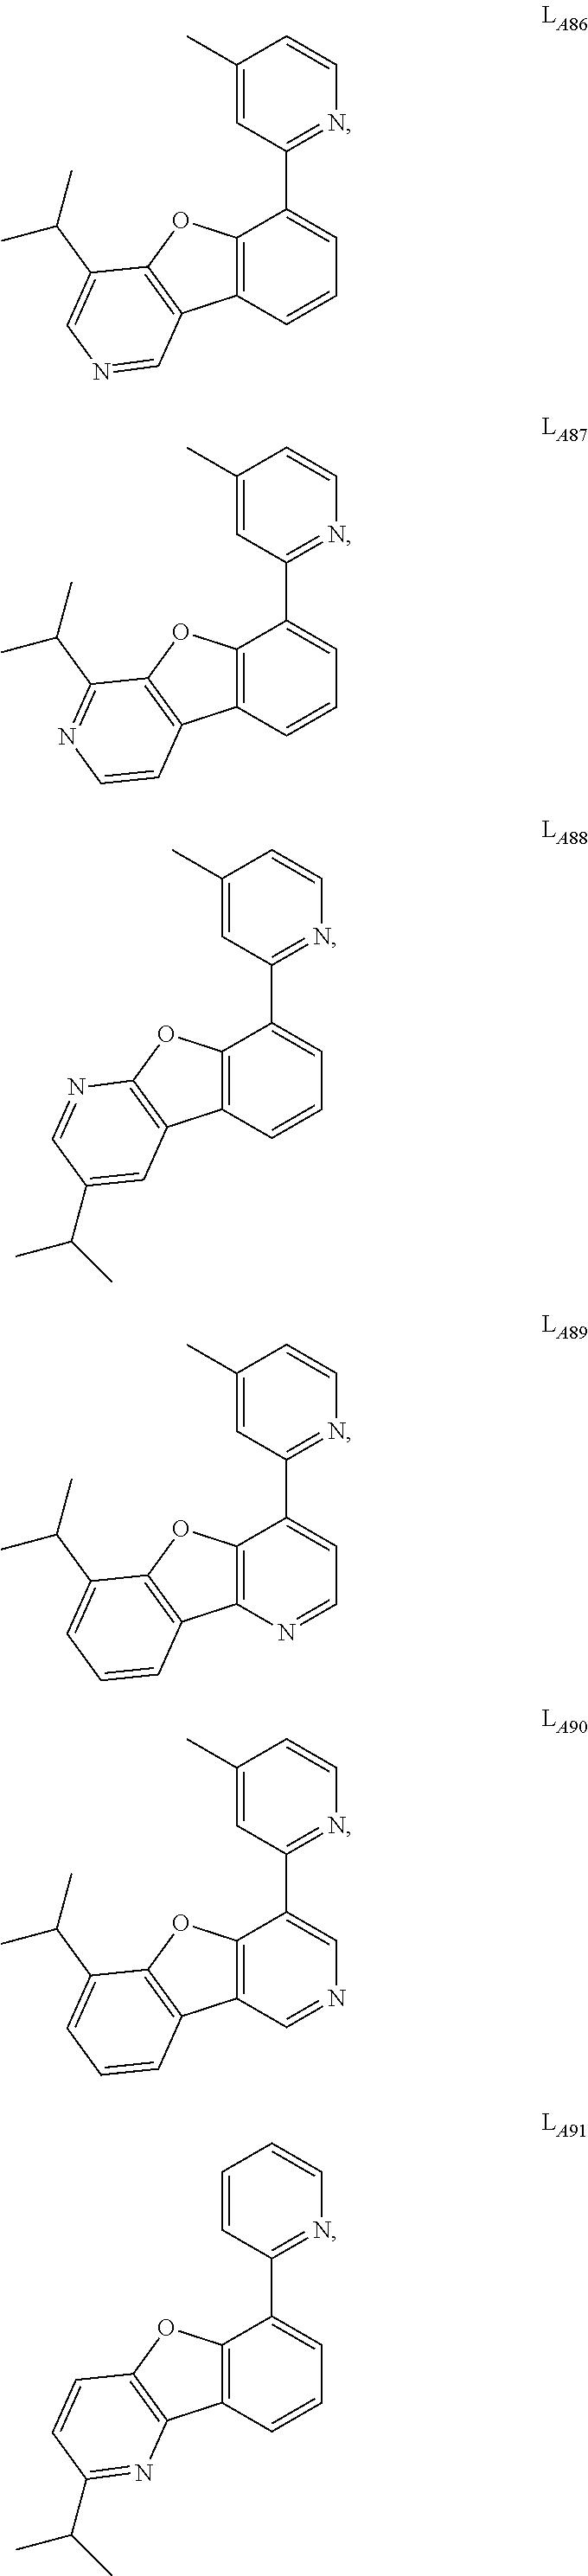 Figure US09634264-20170425-C00021